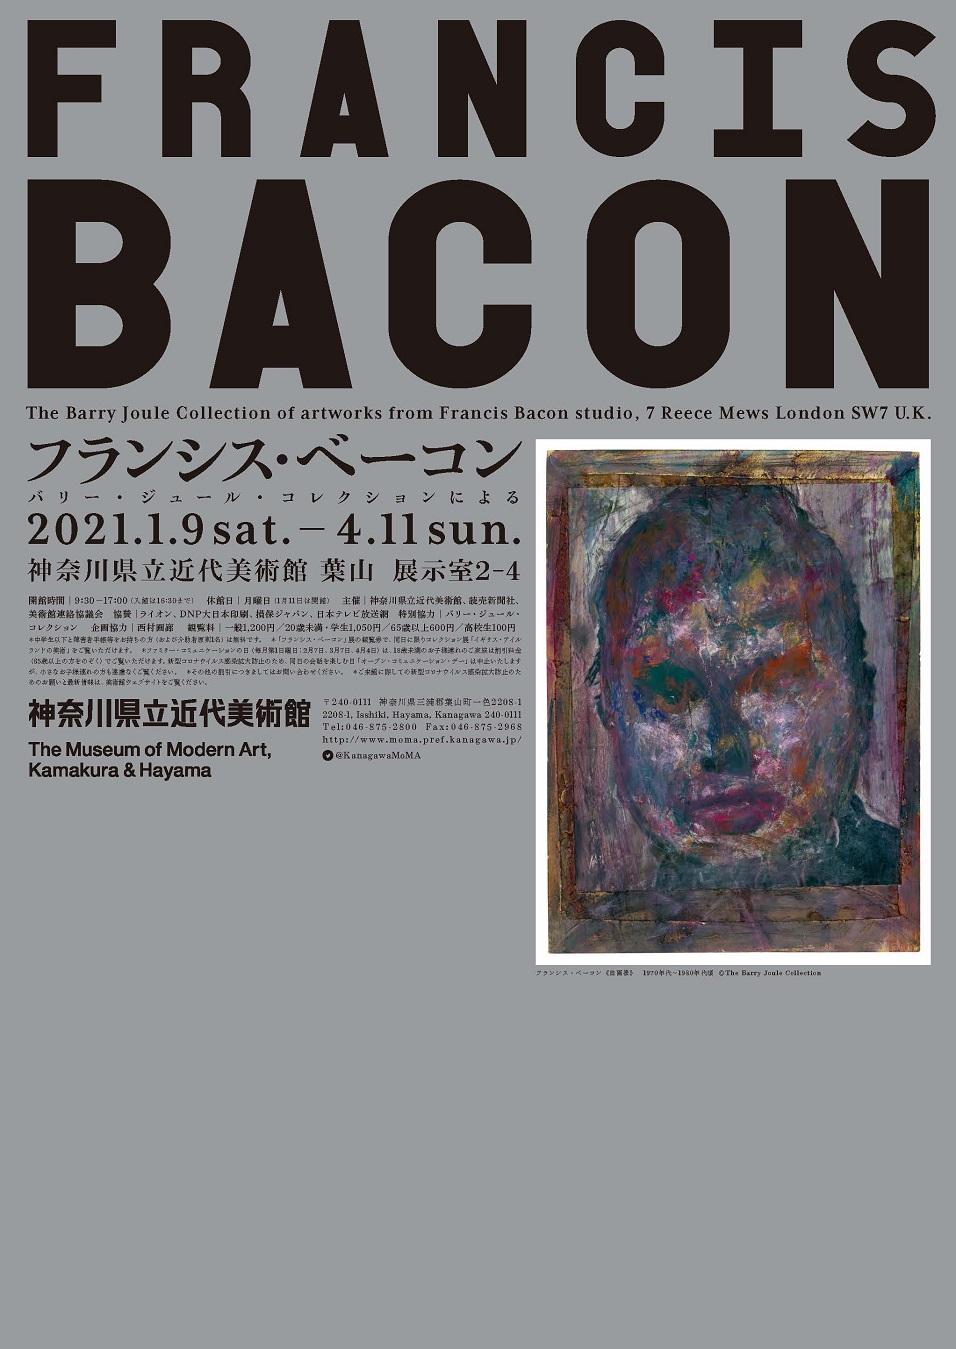 フランシス・ベーコン<br>バリー・ジュール・コレクションによる<br>(神奈川県立近代美術館)